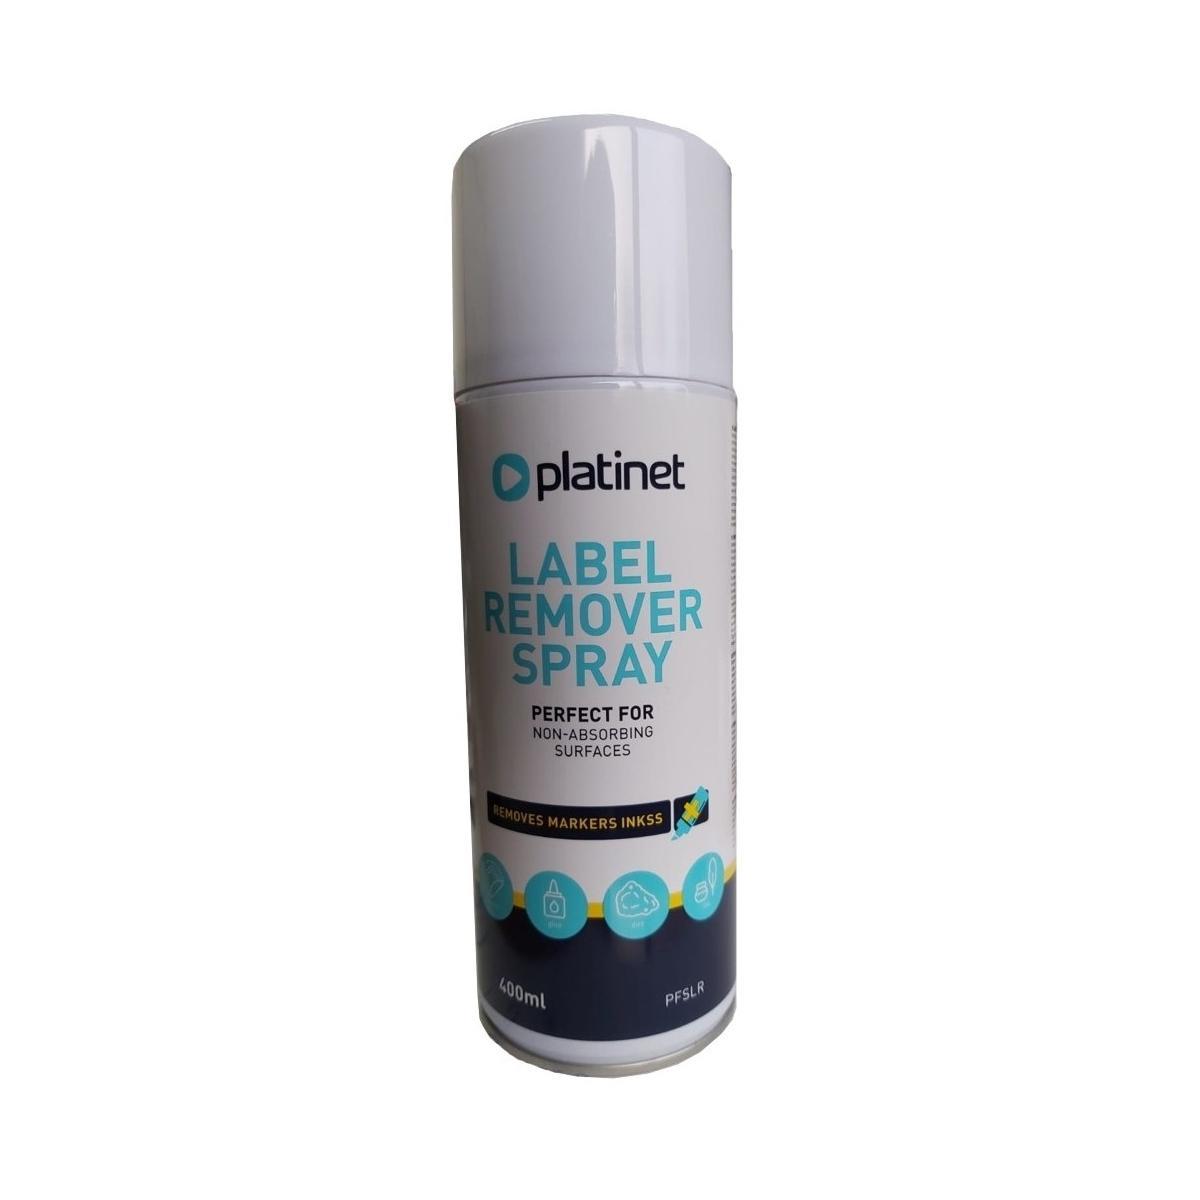 Platinet PFSLR Label Remover Spray 400мл